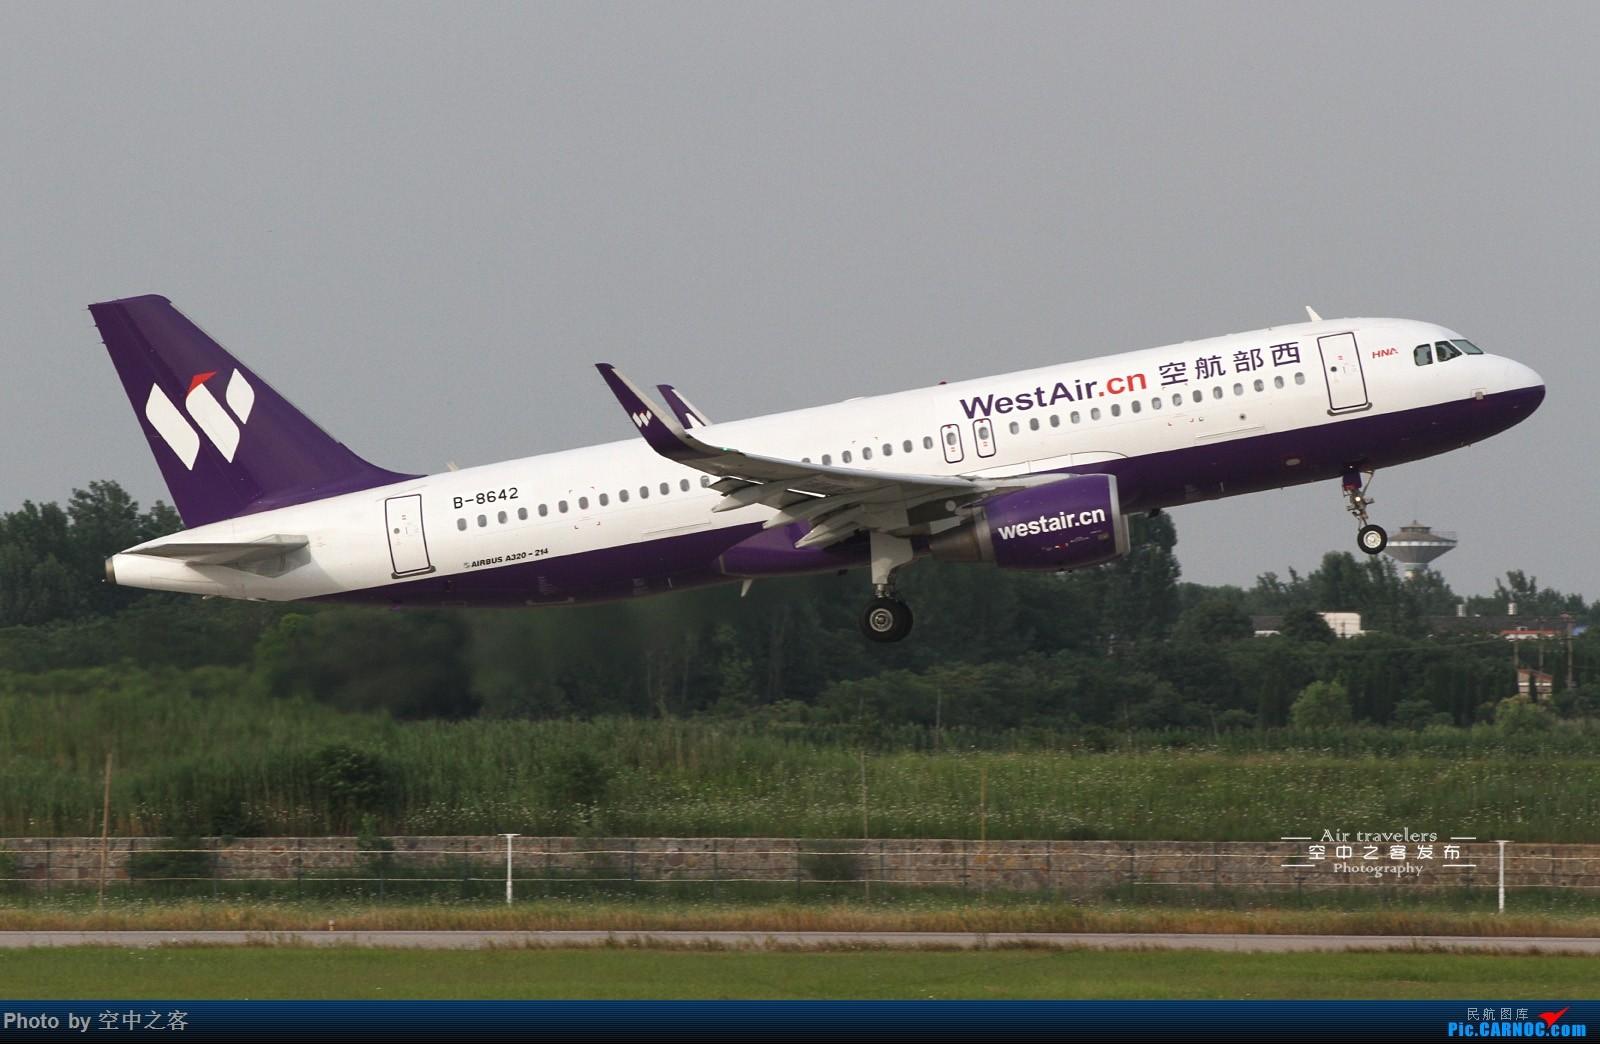 Re:[原创][合肥飞友会·霸都打机队]空中之客发布 新机场A5拍机位草都长一人高了 拍拍拉起 AIRBUS A320-200 B-8642 合肥新桥国际机场